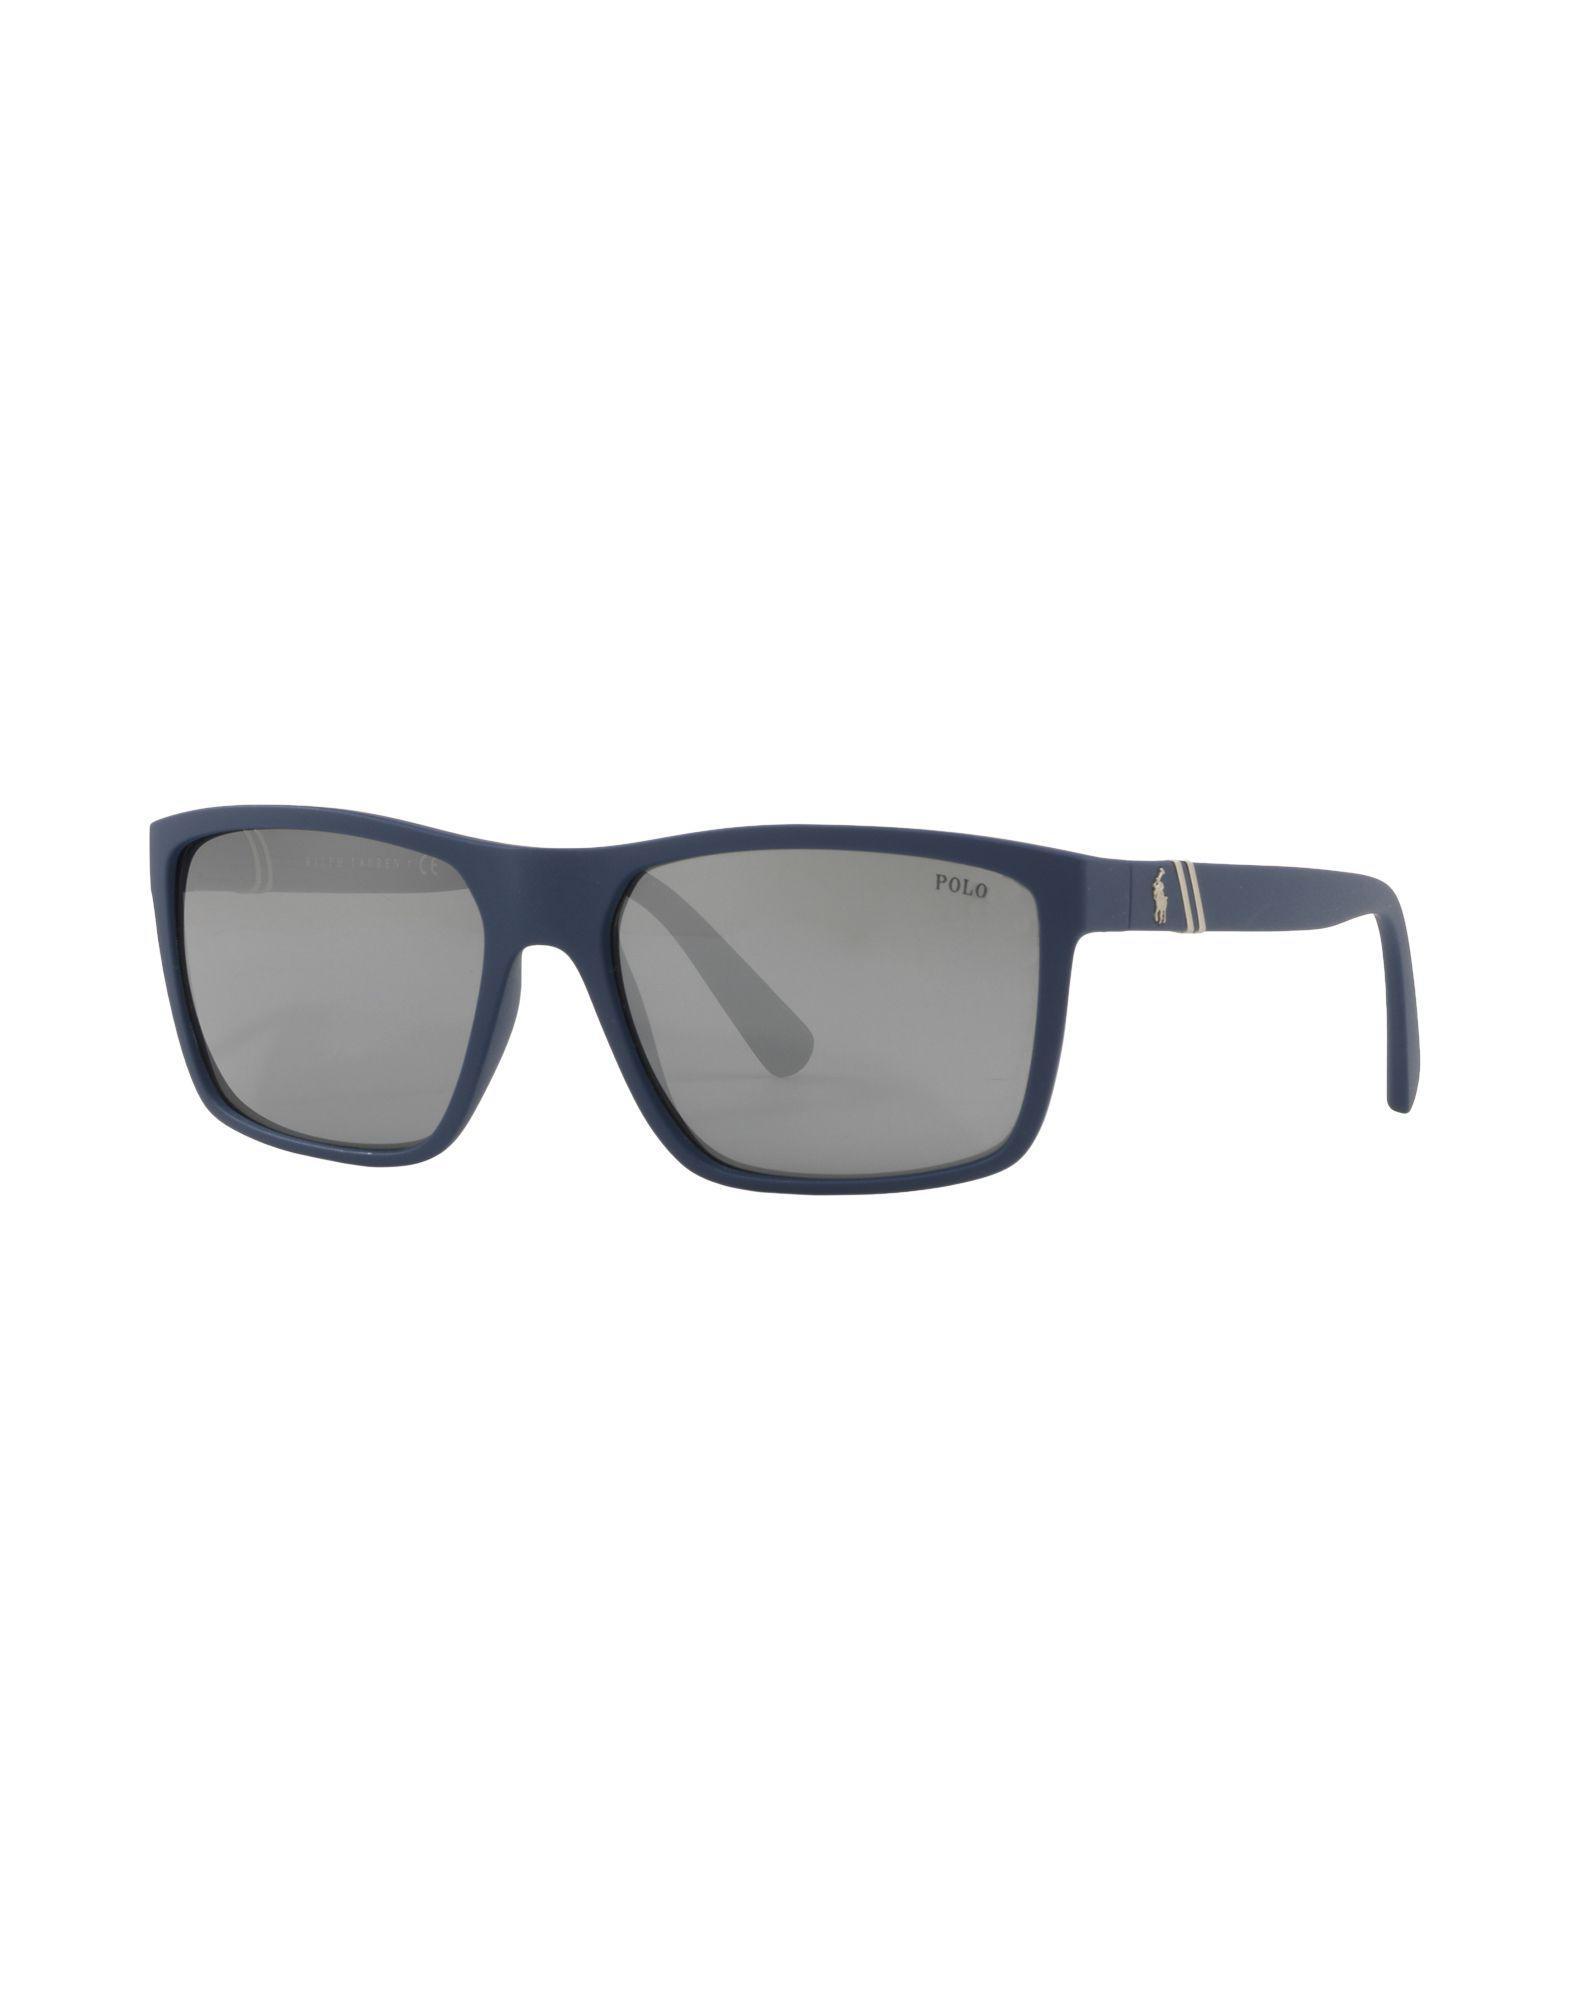 77d20b18e45 Polo Ralph Lauren Sunglasses in Blue for Men - Lyst